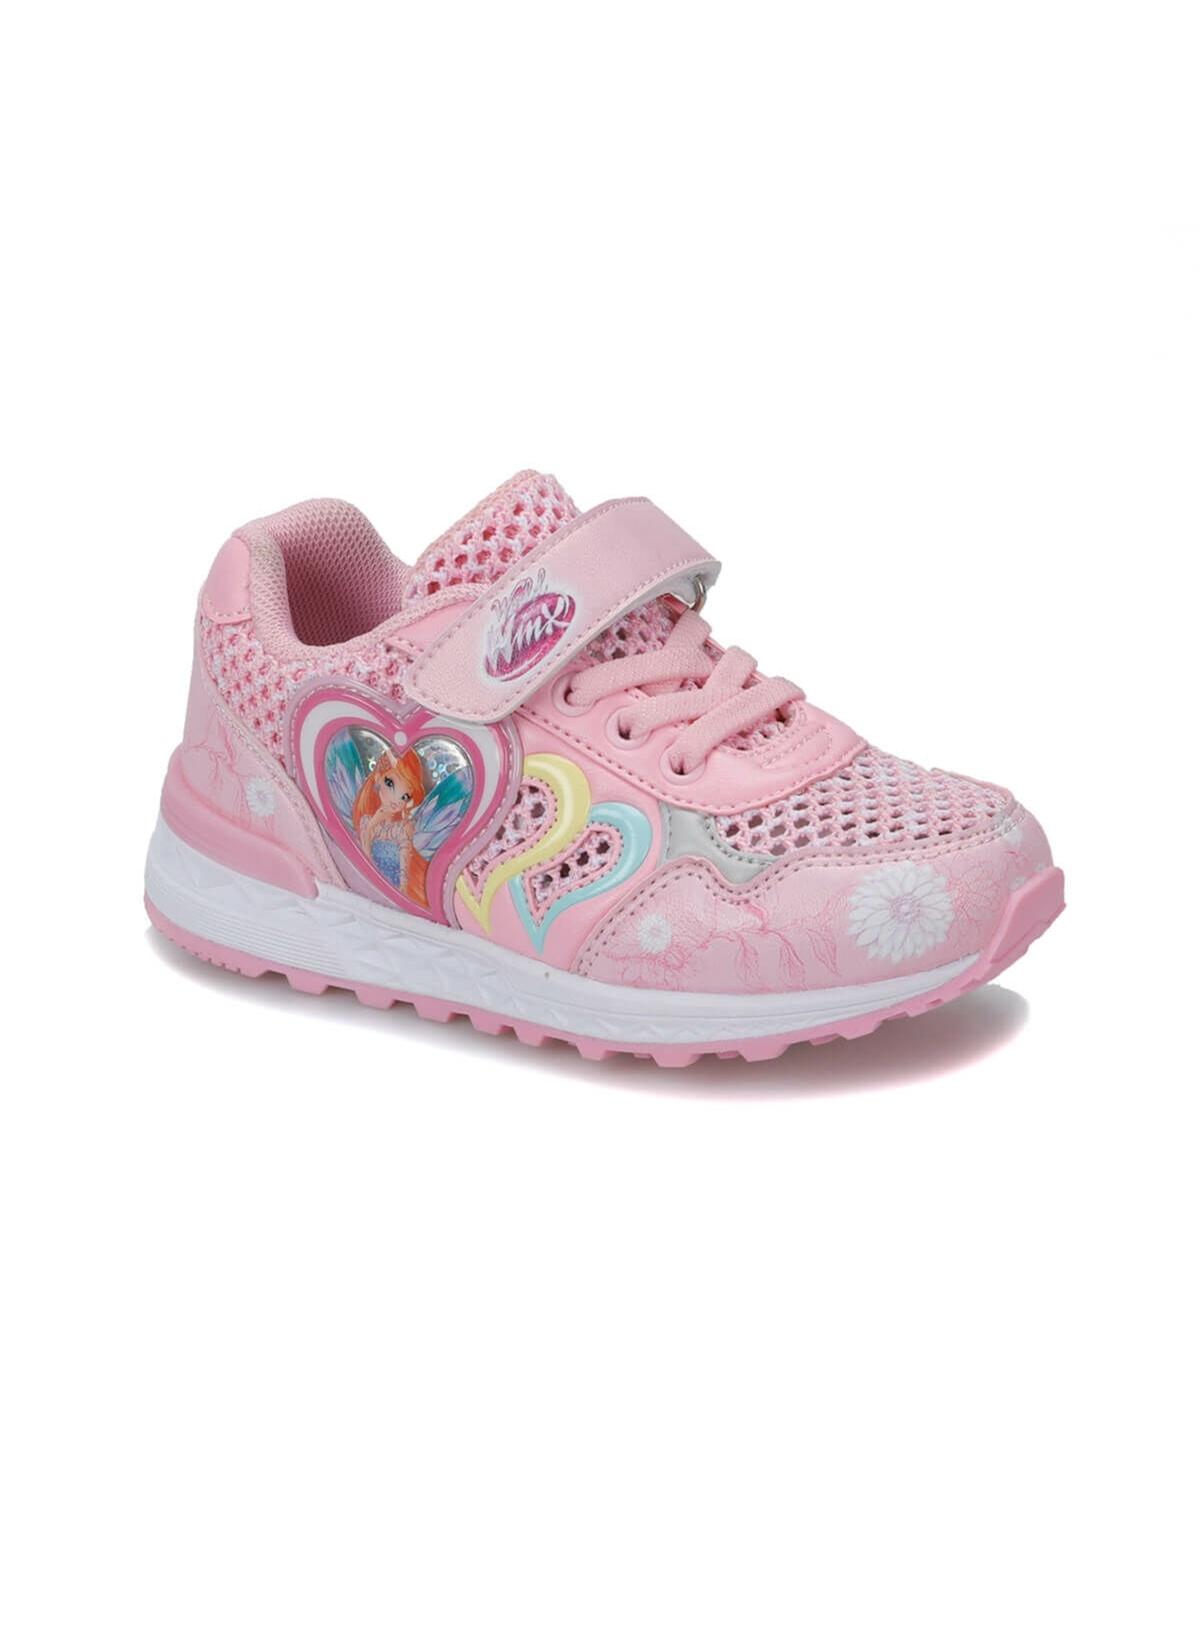 Kız Çocuk Winx Spor Ayakkabı